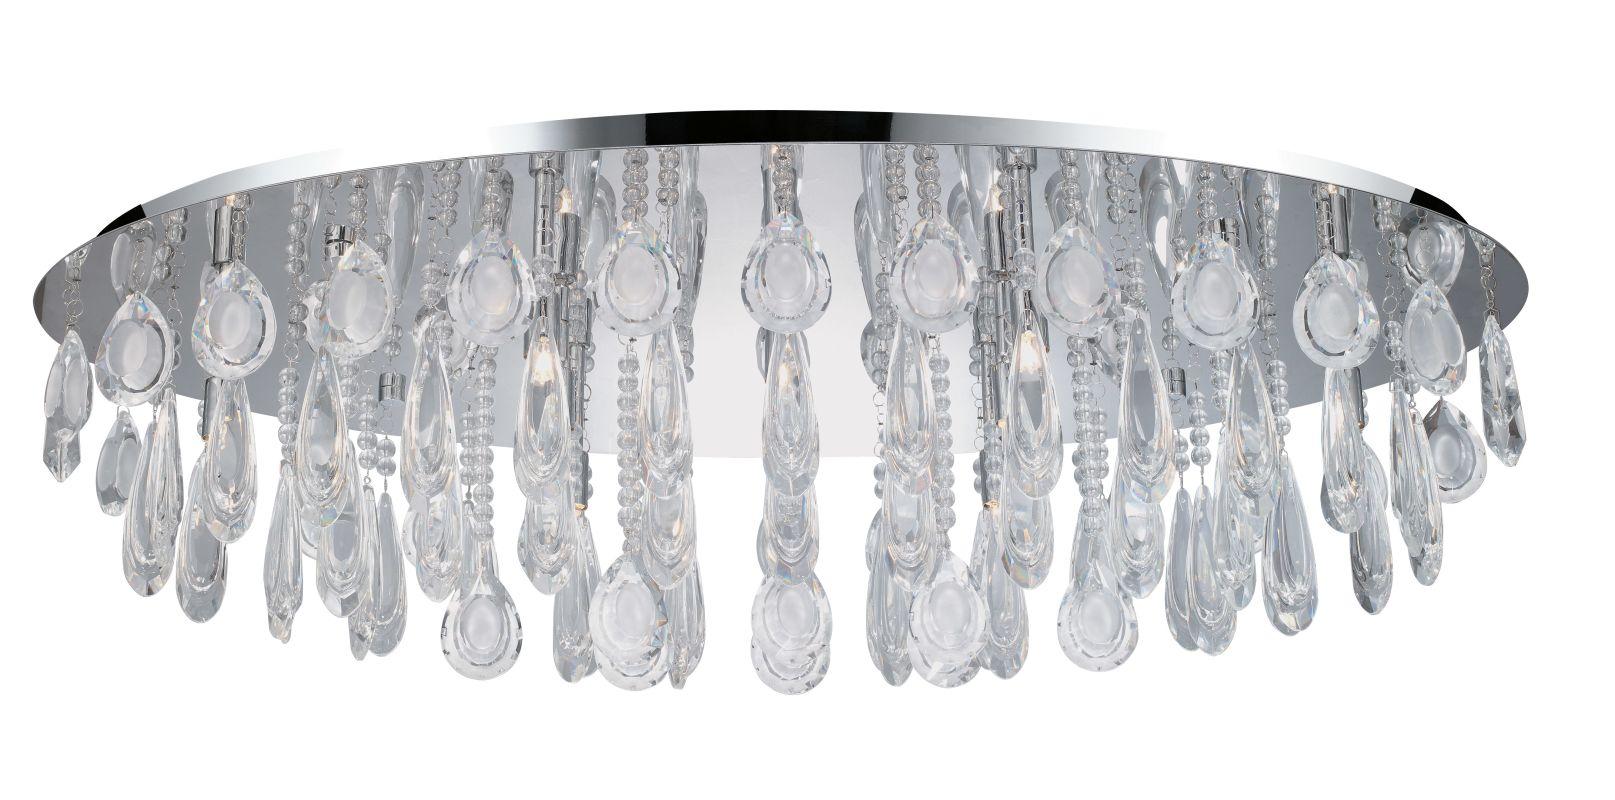 Eglo 93414 Calaonda 10 Light Flush Mount Ceiling Fixture Chrome Indoor